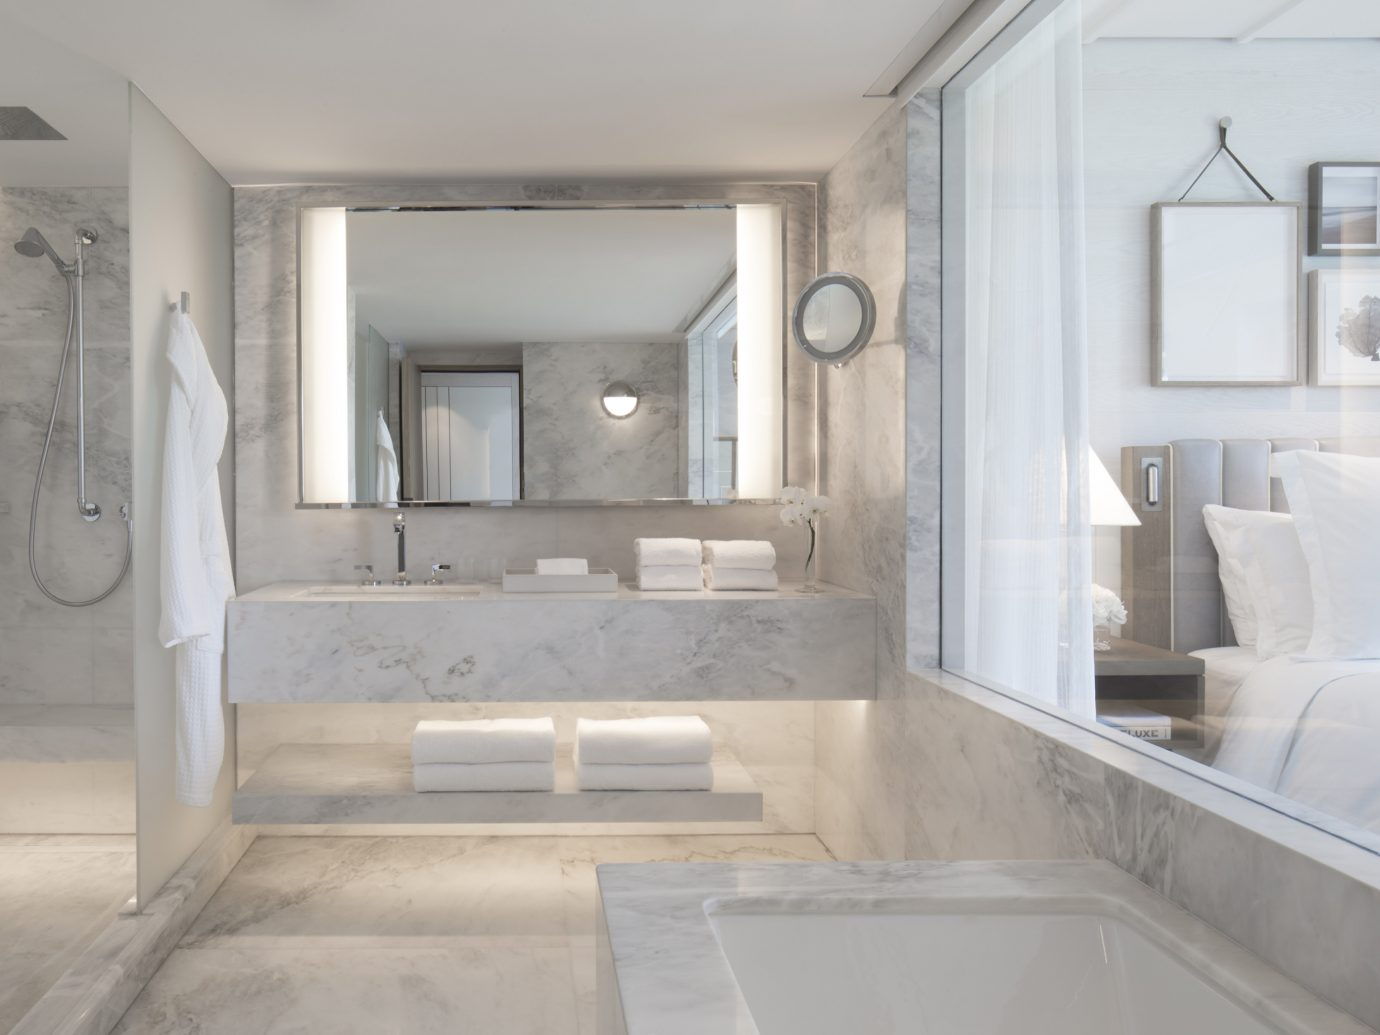 Bathroom at Four Seasons Astir Palace